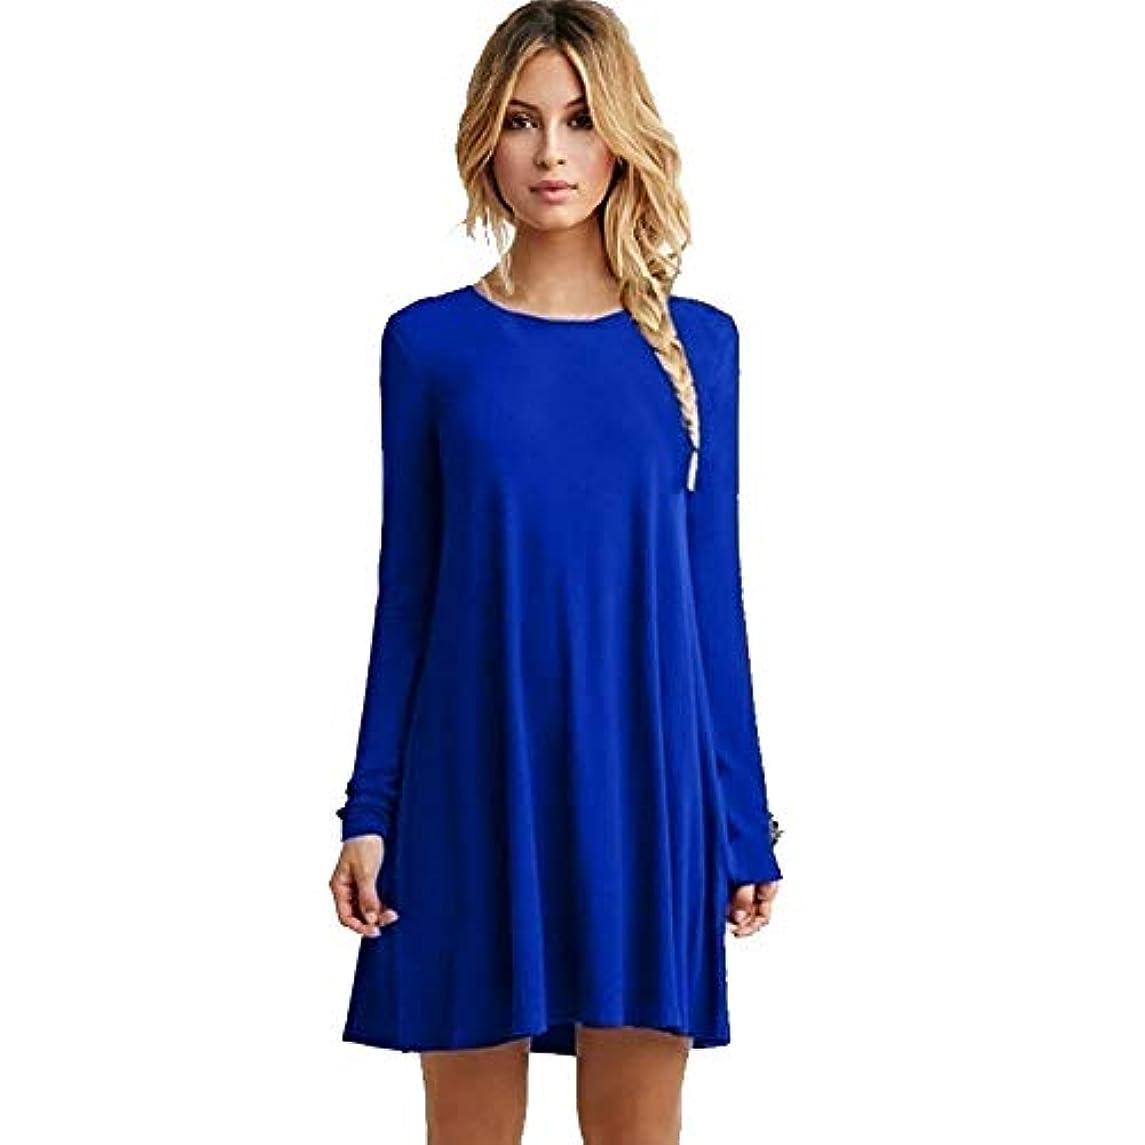 ツーリスト接ぎ木リボンMIFANルースドレス、プラスサイズのドレス、長袖のドレス、女性のドレス、秋のドレス、マキシドレス、コットンドレス